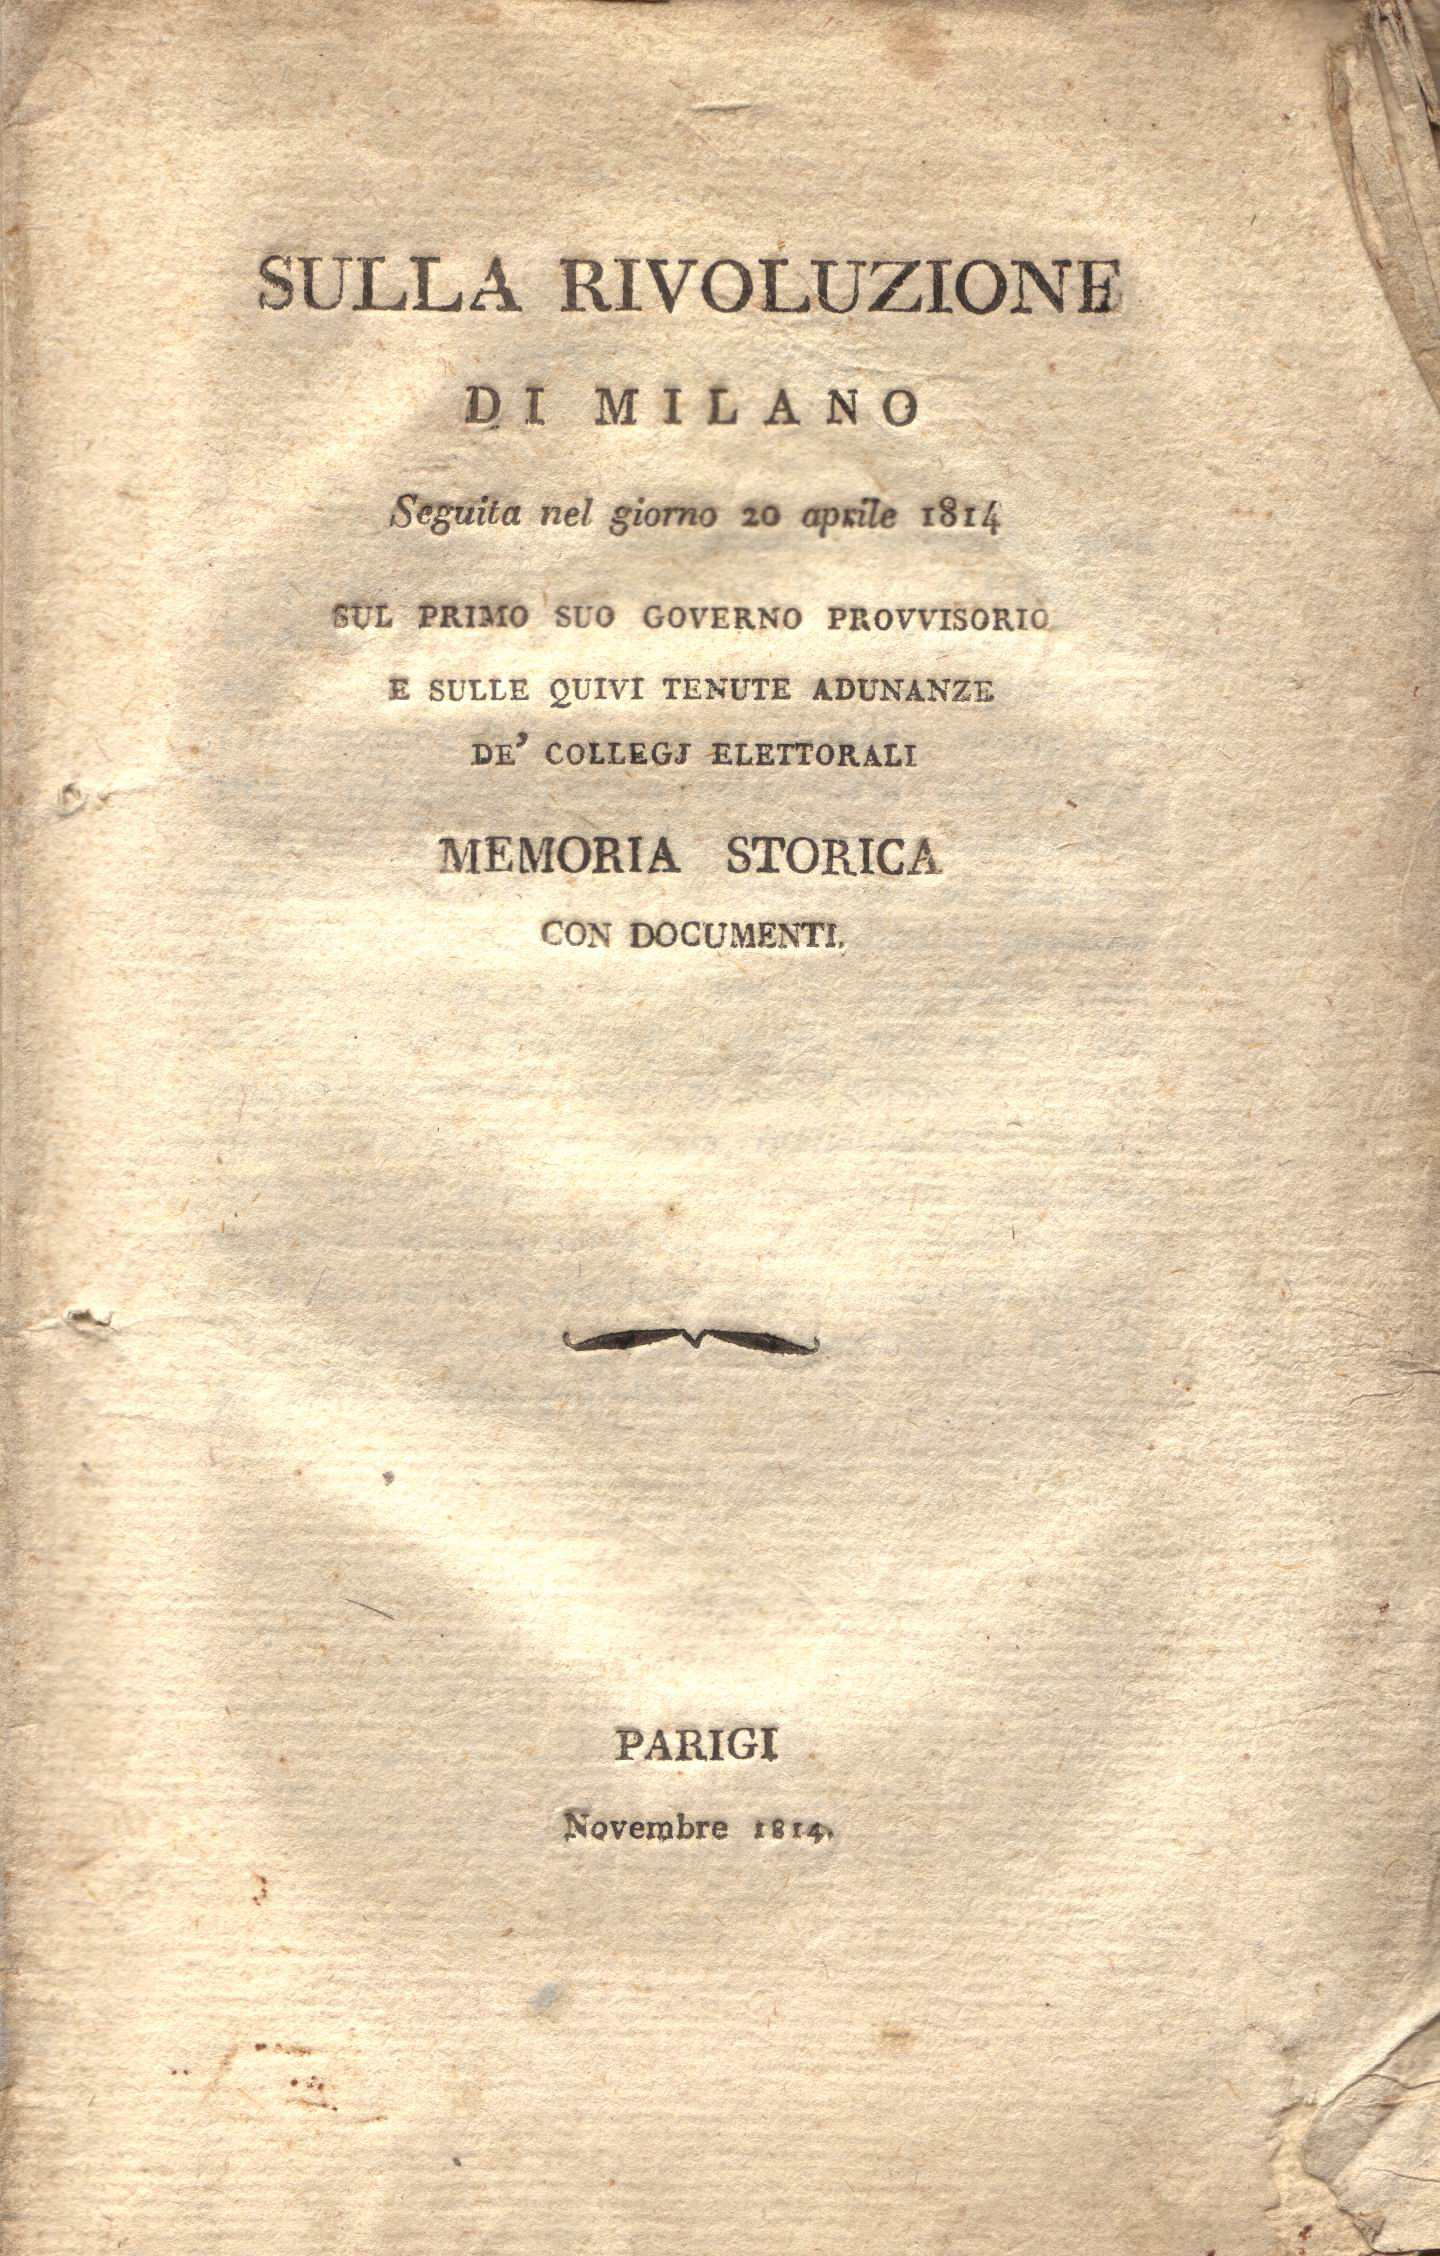 Sulla rivoluzione di Milano seguita nel giorno 20 aprile 1814